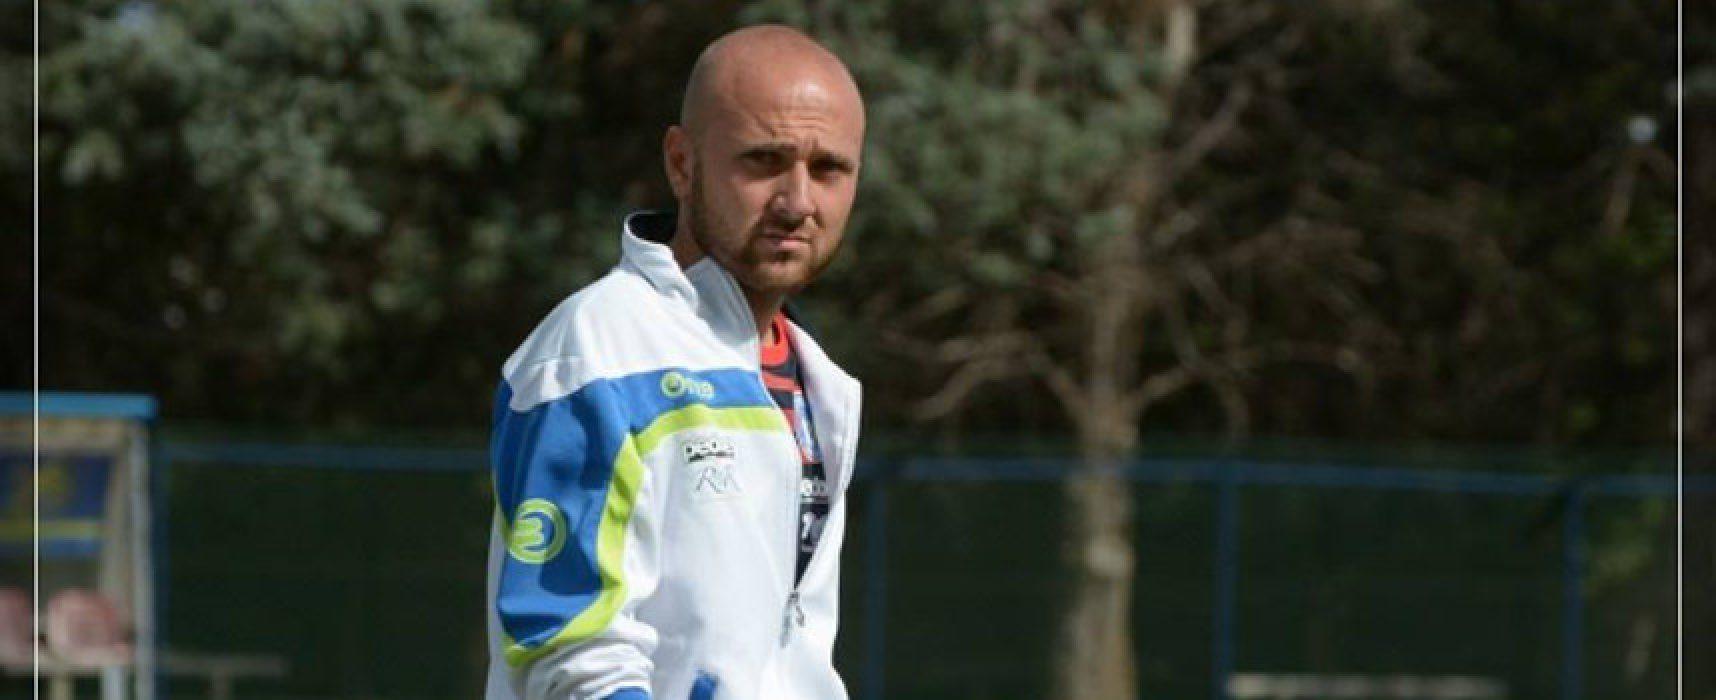 Unione Calcio, Coppa Italia: oggi il match contro la Vigor Trani, in palio i quarti di finale